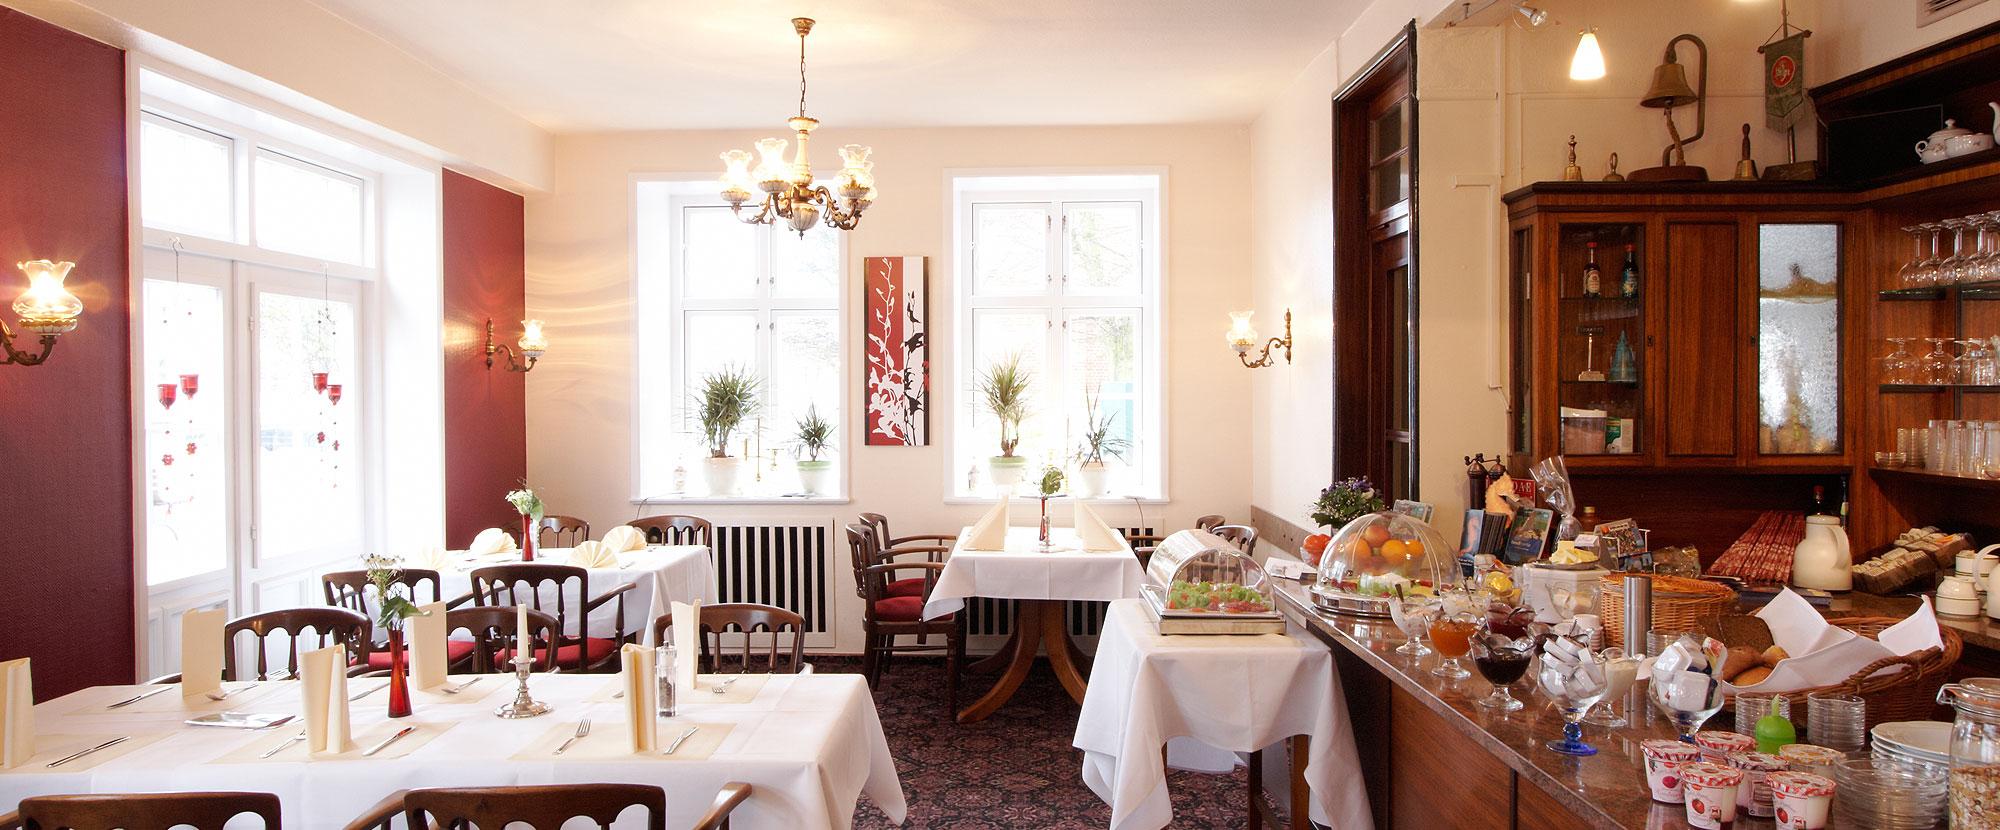 Hotel zur Linde – Meldorf » Restaurant